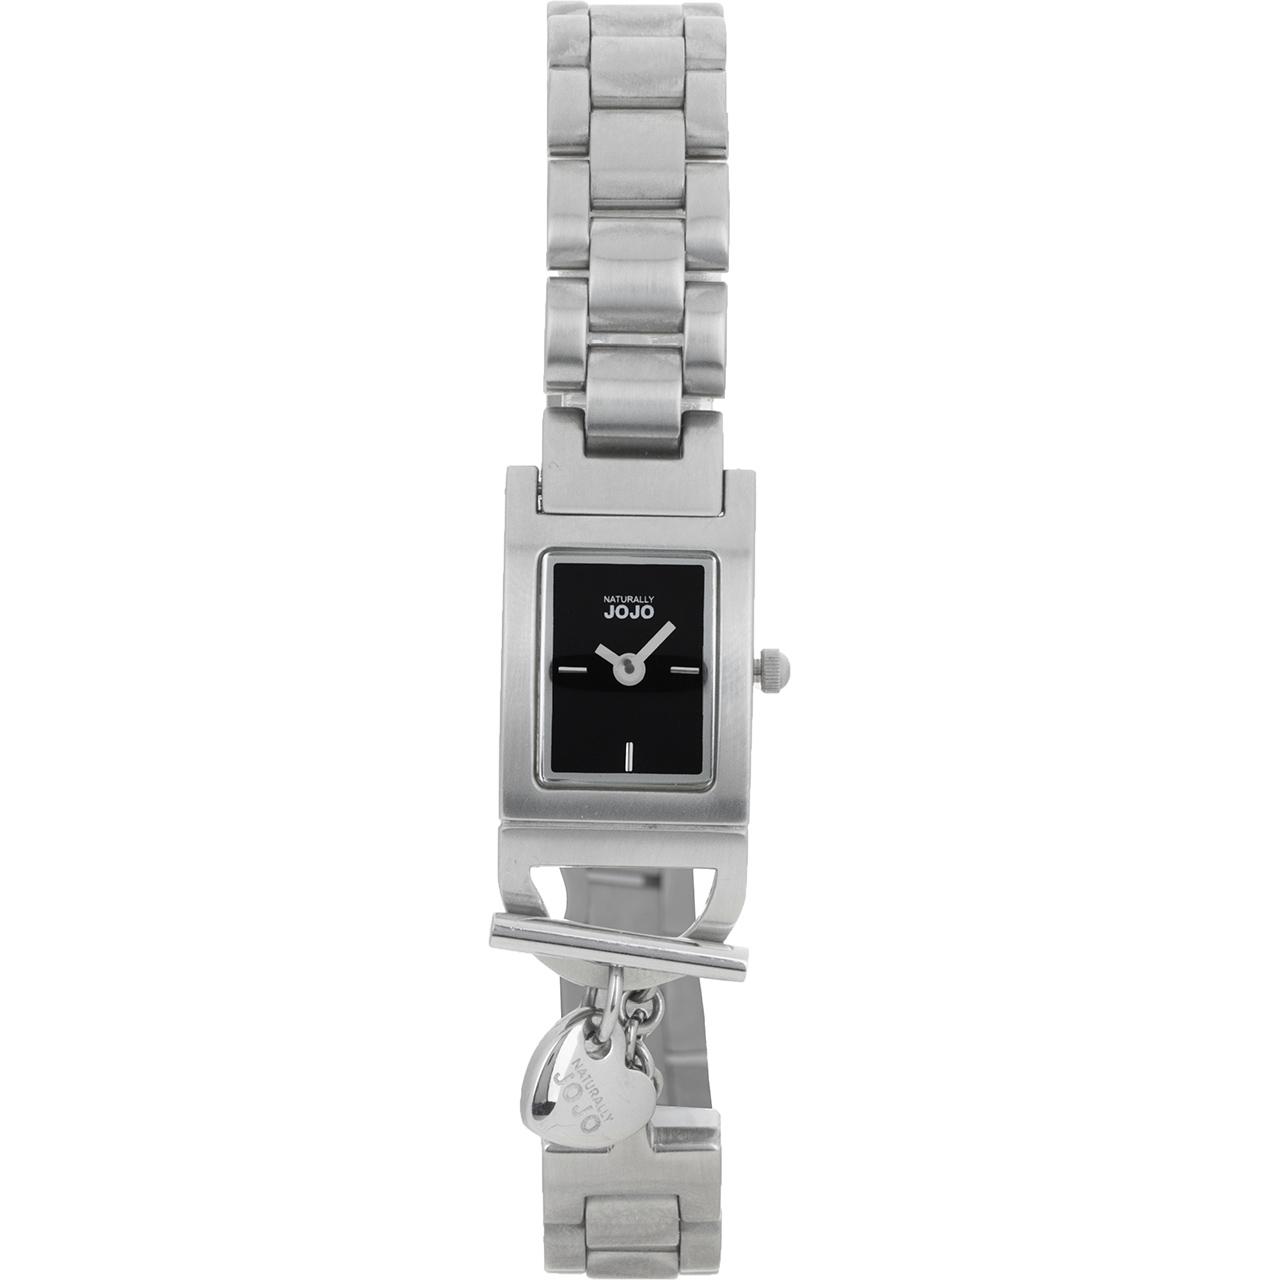 خرید ساعت مچی عقربه ای زنانه نچرالی ژوژو مدل JO96258.88F